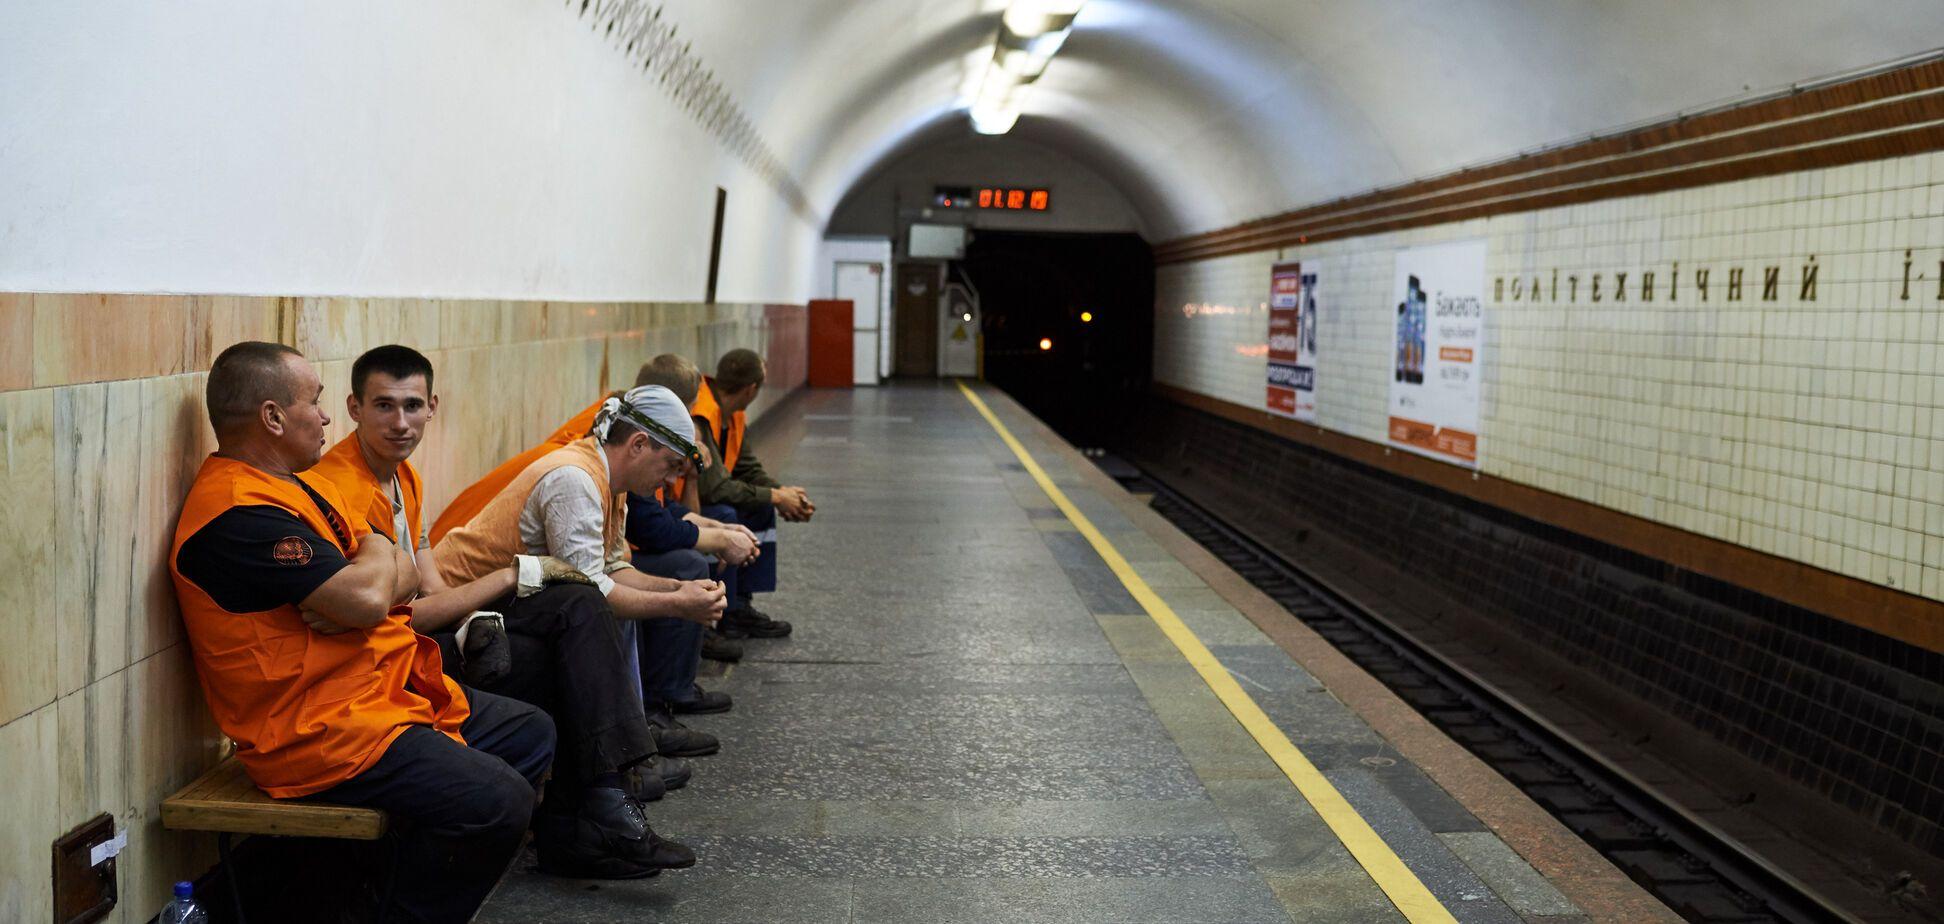 Дело на 500 млн: российский бизнесмен подал в суд на метро Киева